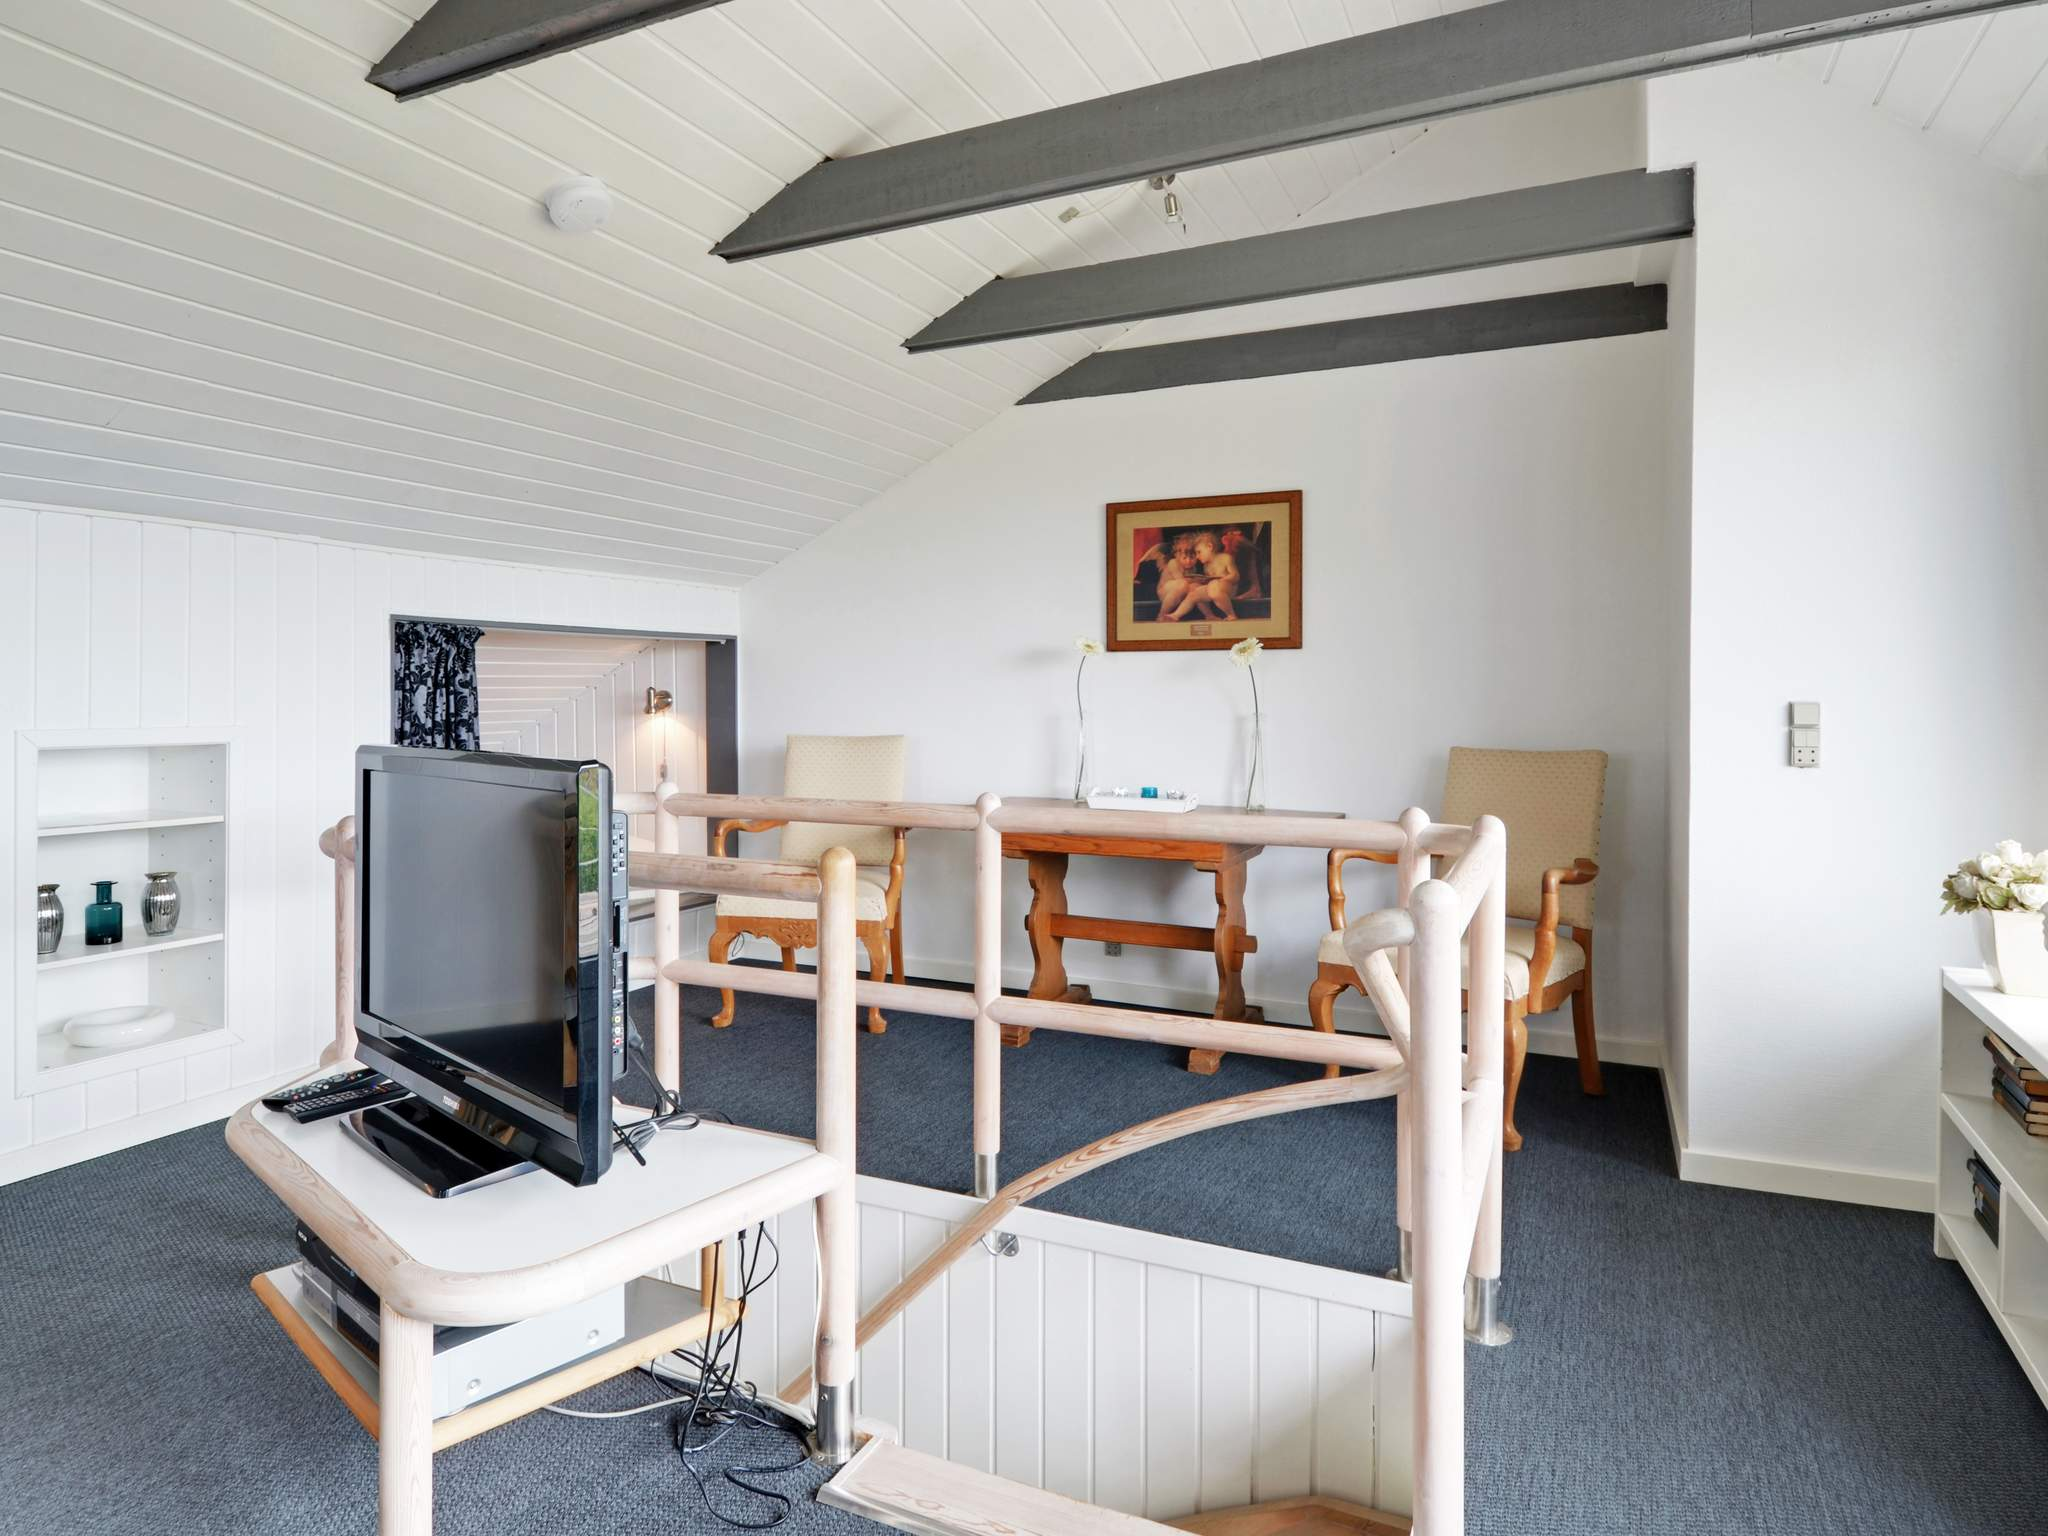 Ferienhaus Bork Havn (86845), Bork Havn, , Westjütland, Dänemark, Bild 7